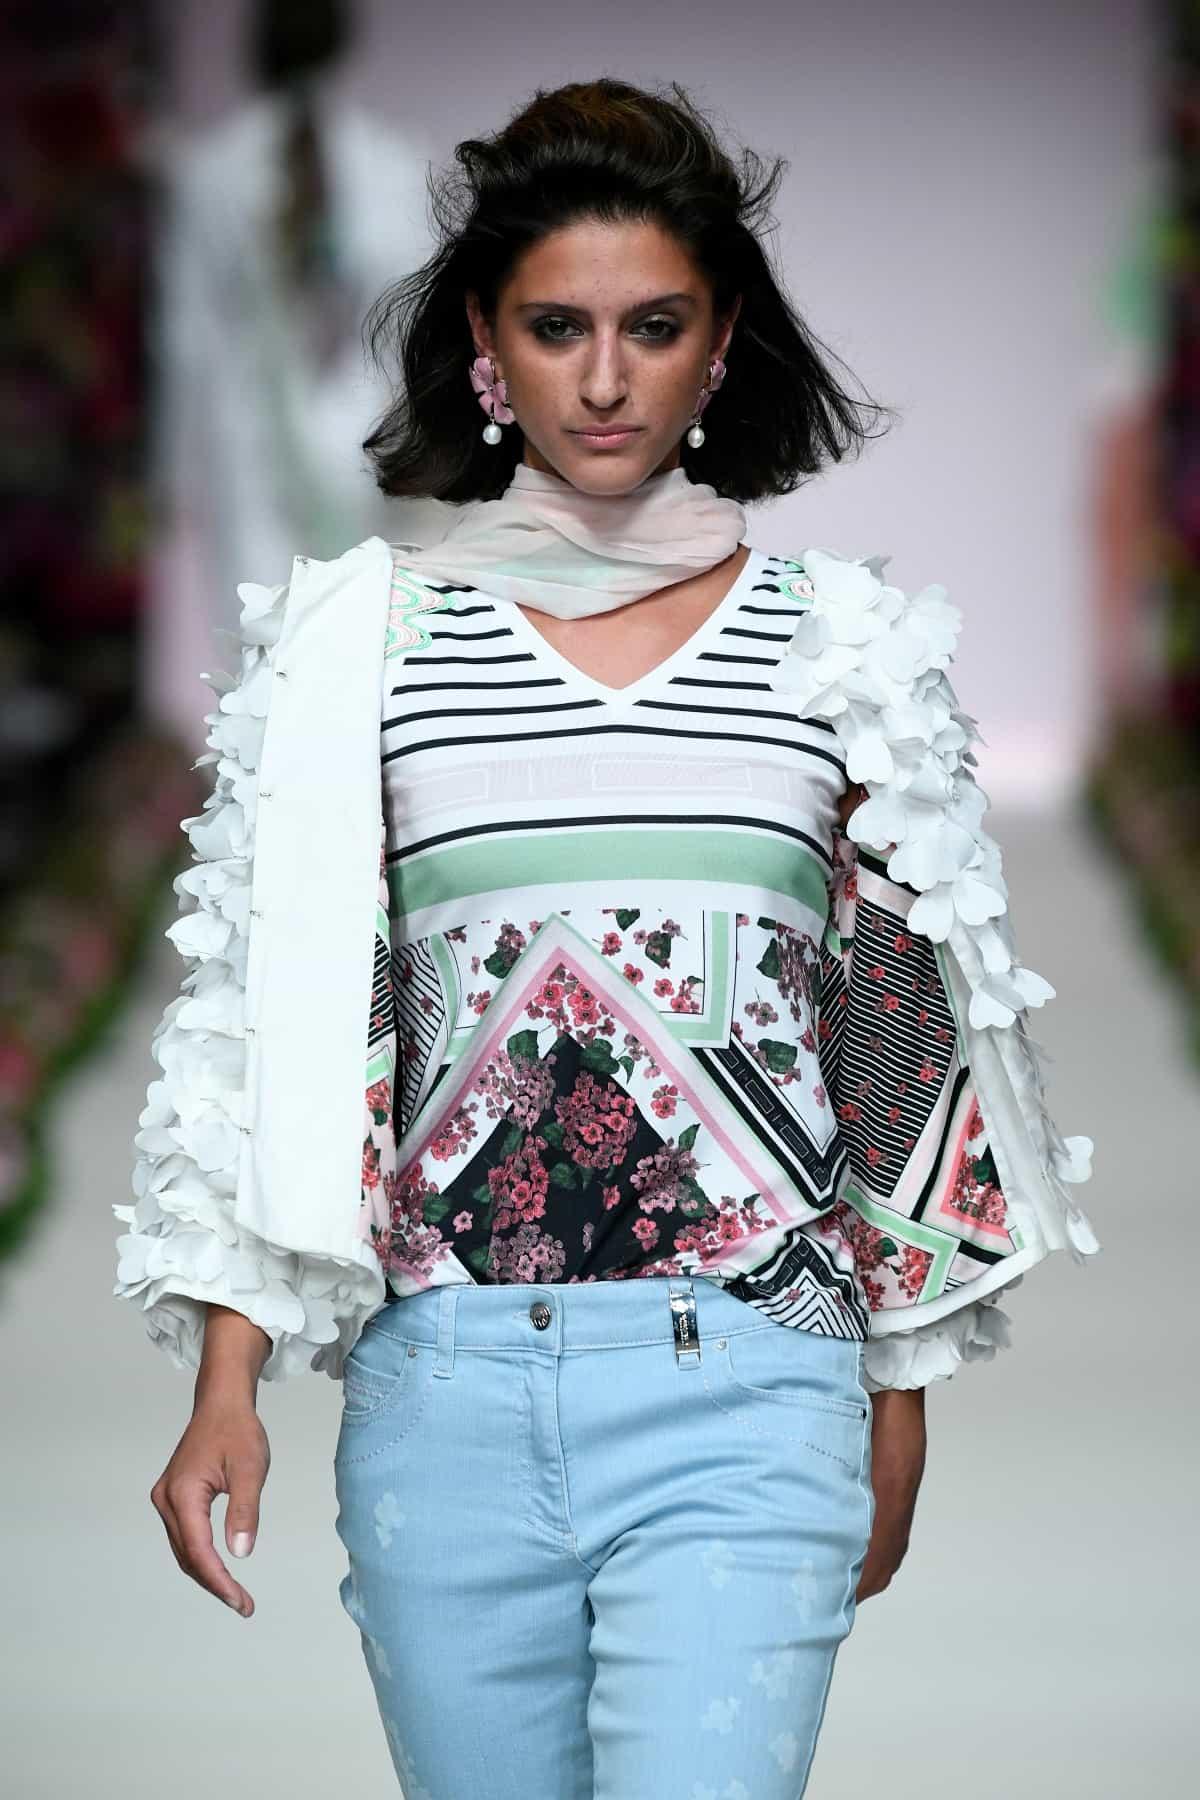 Sommermode 2020 von Sportalm zur Mercedes-Benz Fashion Week Berlin Juli 2019 - 1